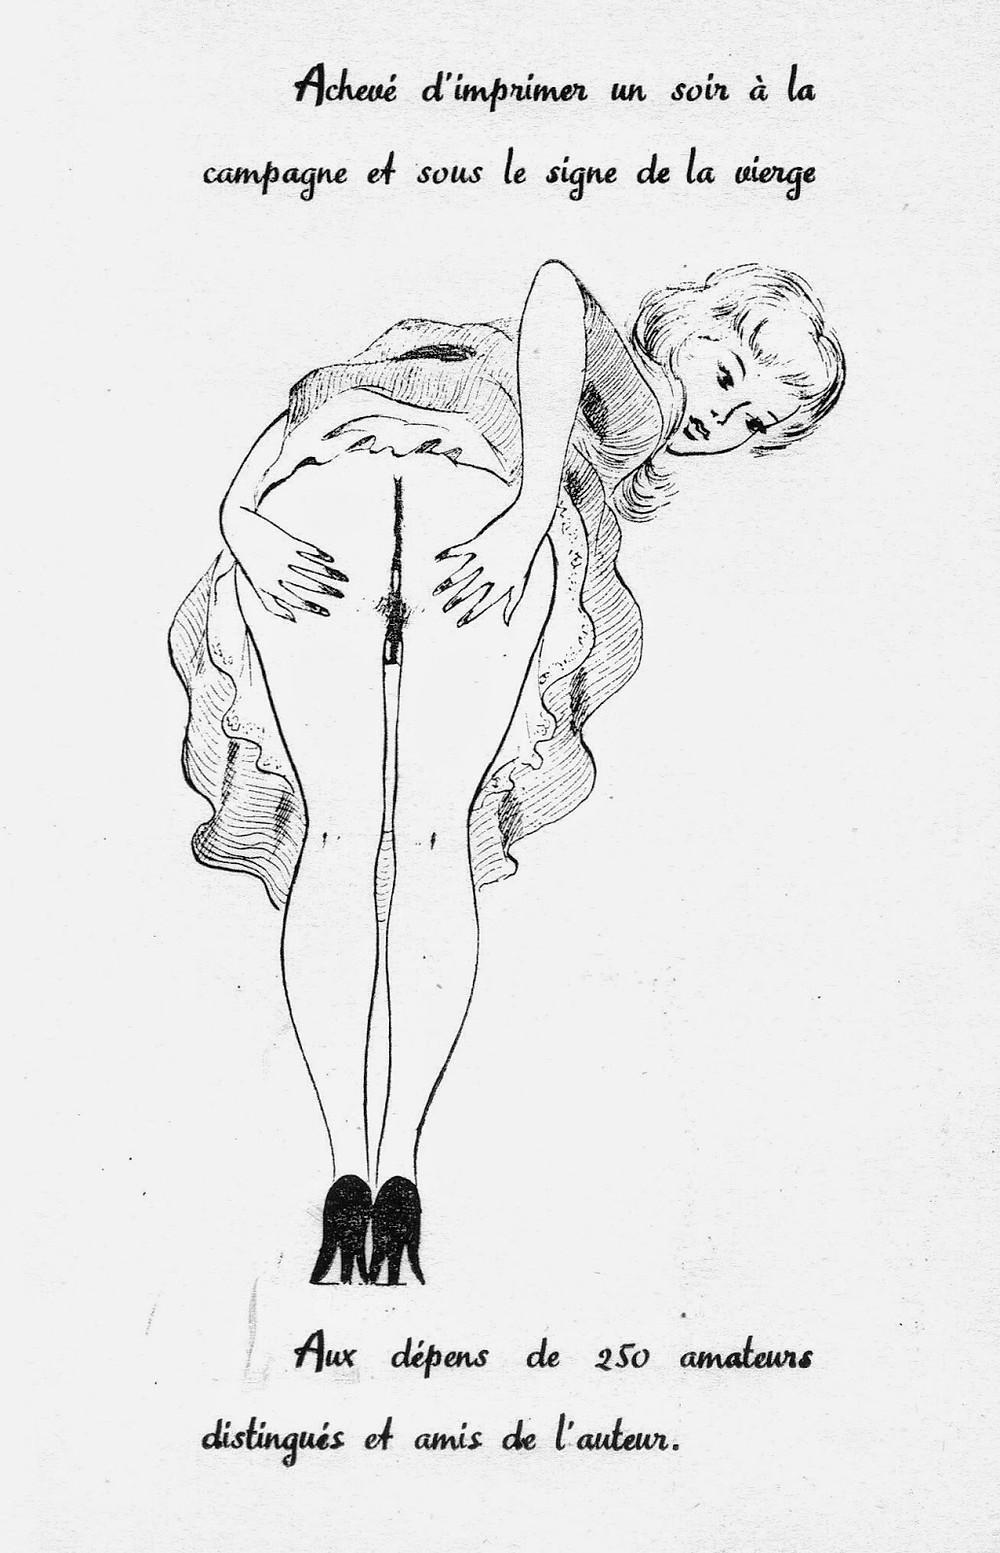 Achevé d'imprimer pour Les Parfums de Sensitive, Édition clandestine érotique par Eric Losfeld, vers 1955 (artiste anonyme)